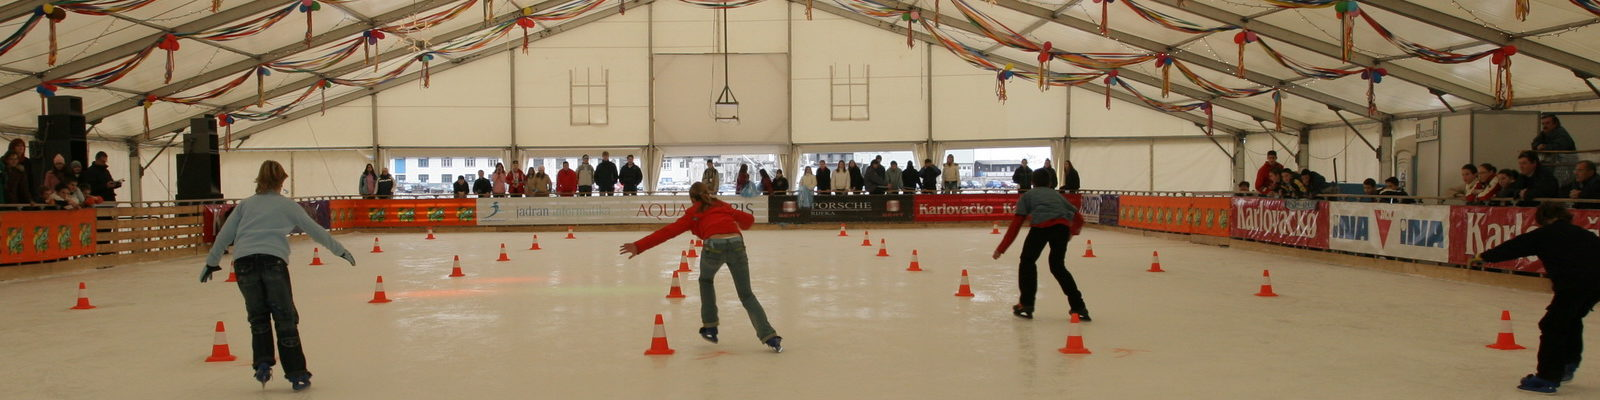 Skating rink Sea Flake